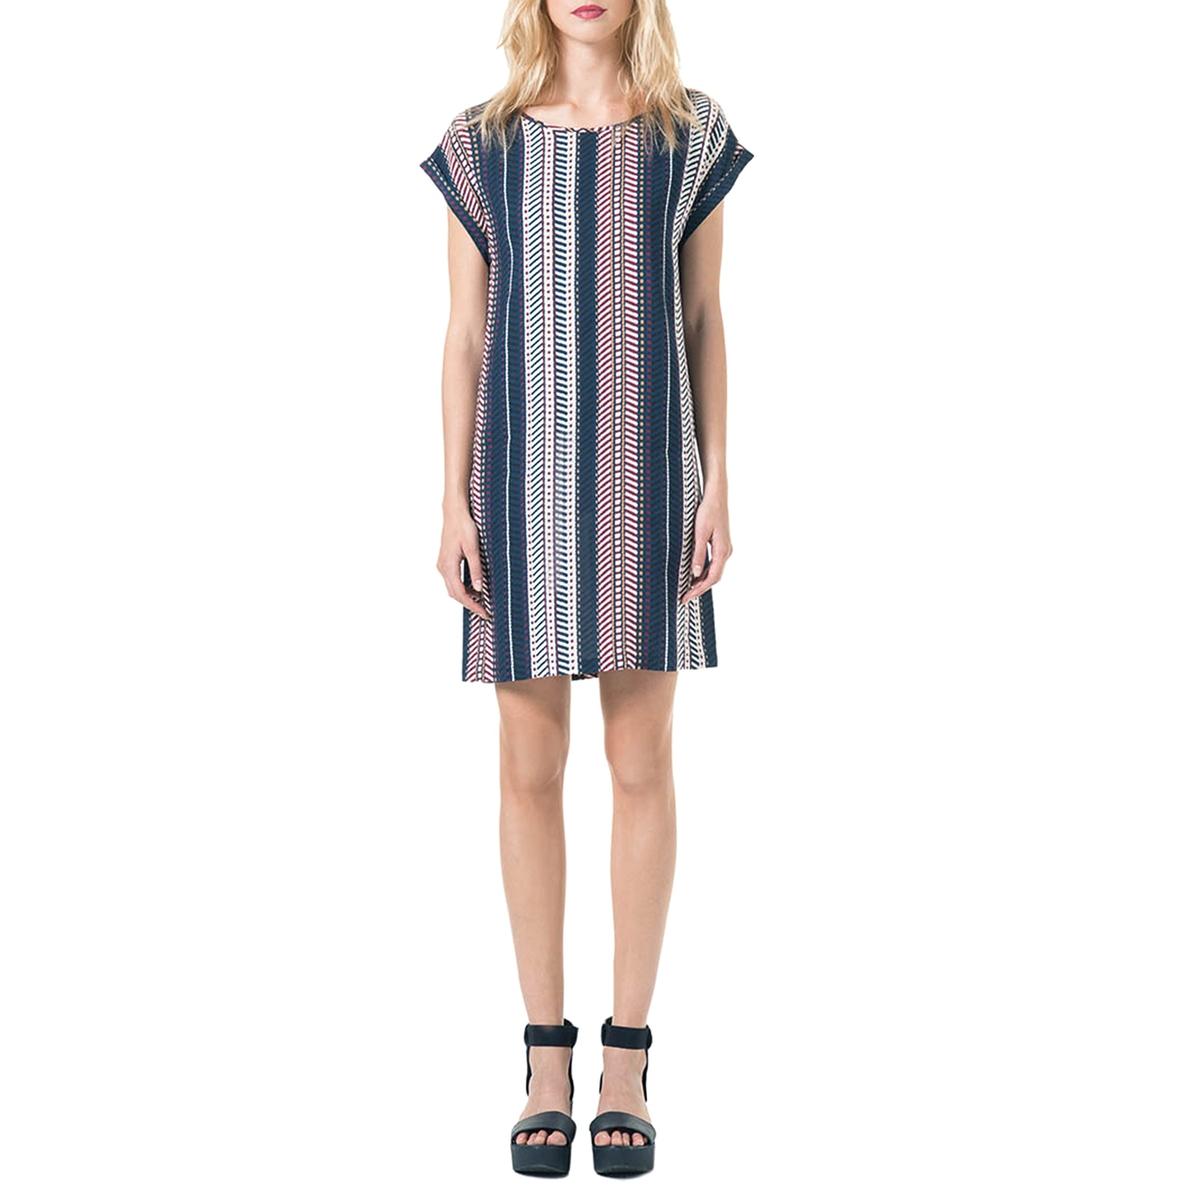 Платье длиной до колен, короткие рукава, этнический рисунокМатериал : 100% вискоза  Длина рукава : короткие рукава  Форма воротника : без воротника Покрой платья : платье прямого покроя   Рисунок : этнический   Длина платья : до колен<br><br>Цвет: наб. рисунок синий